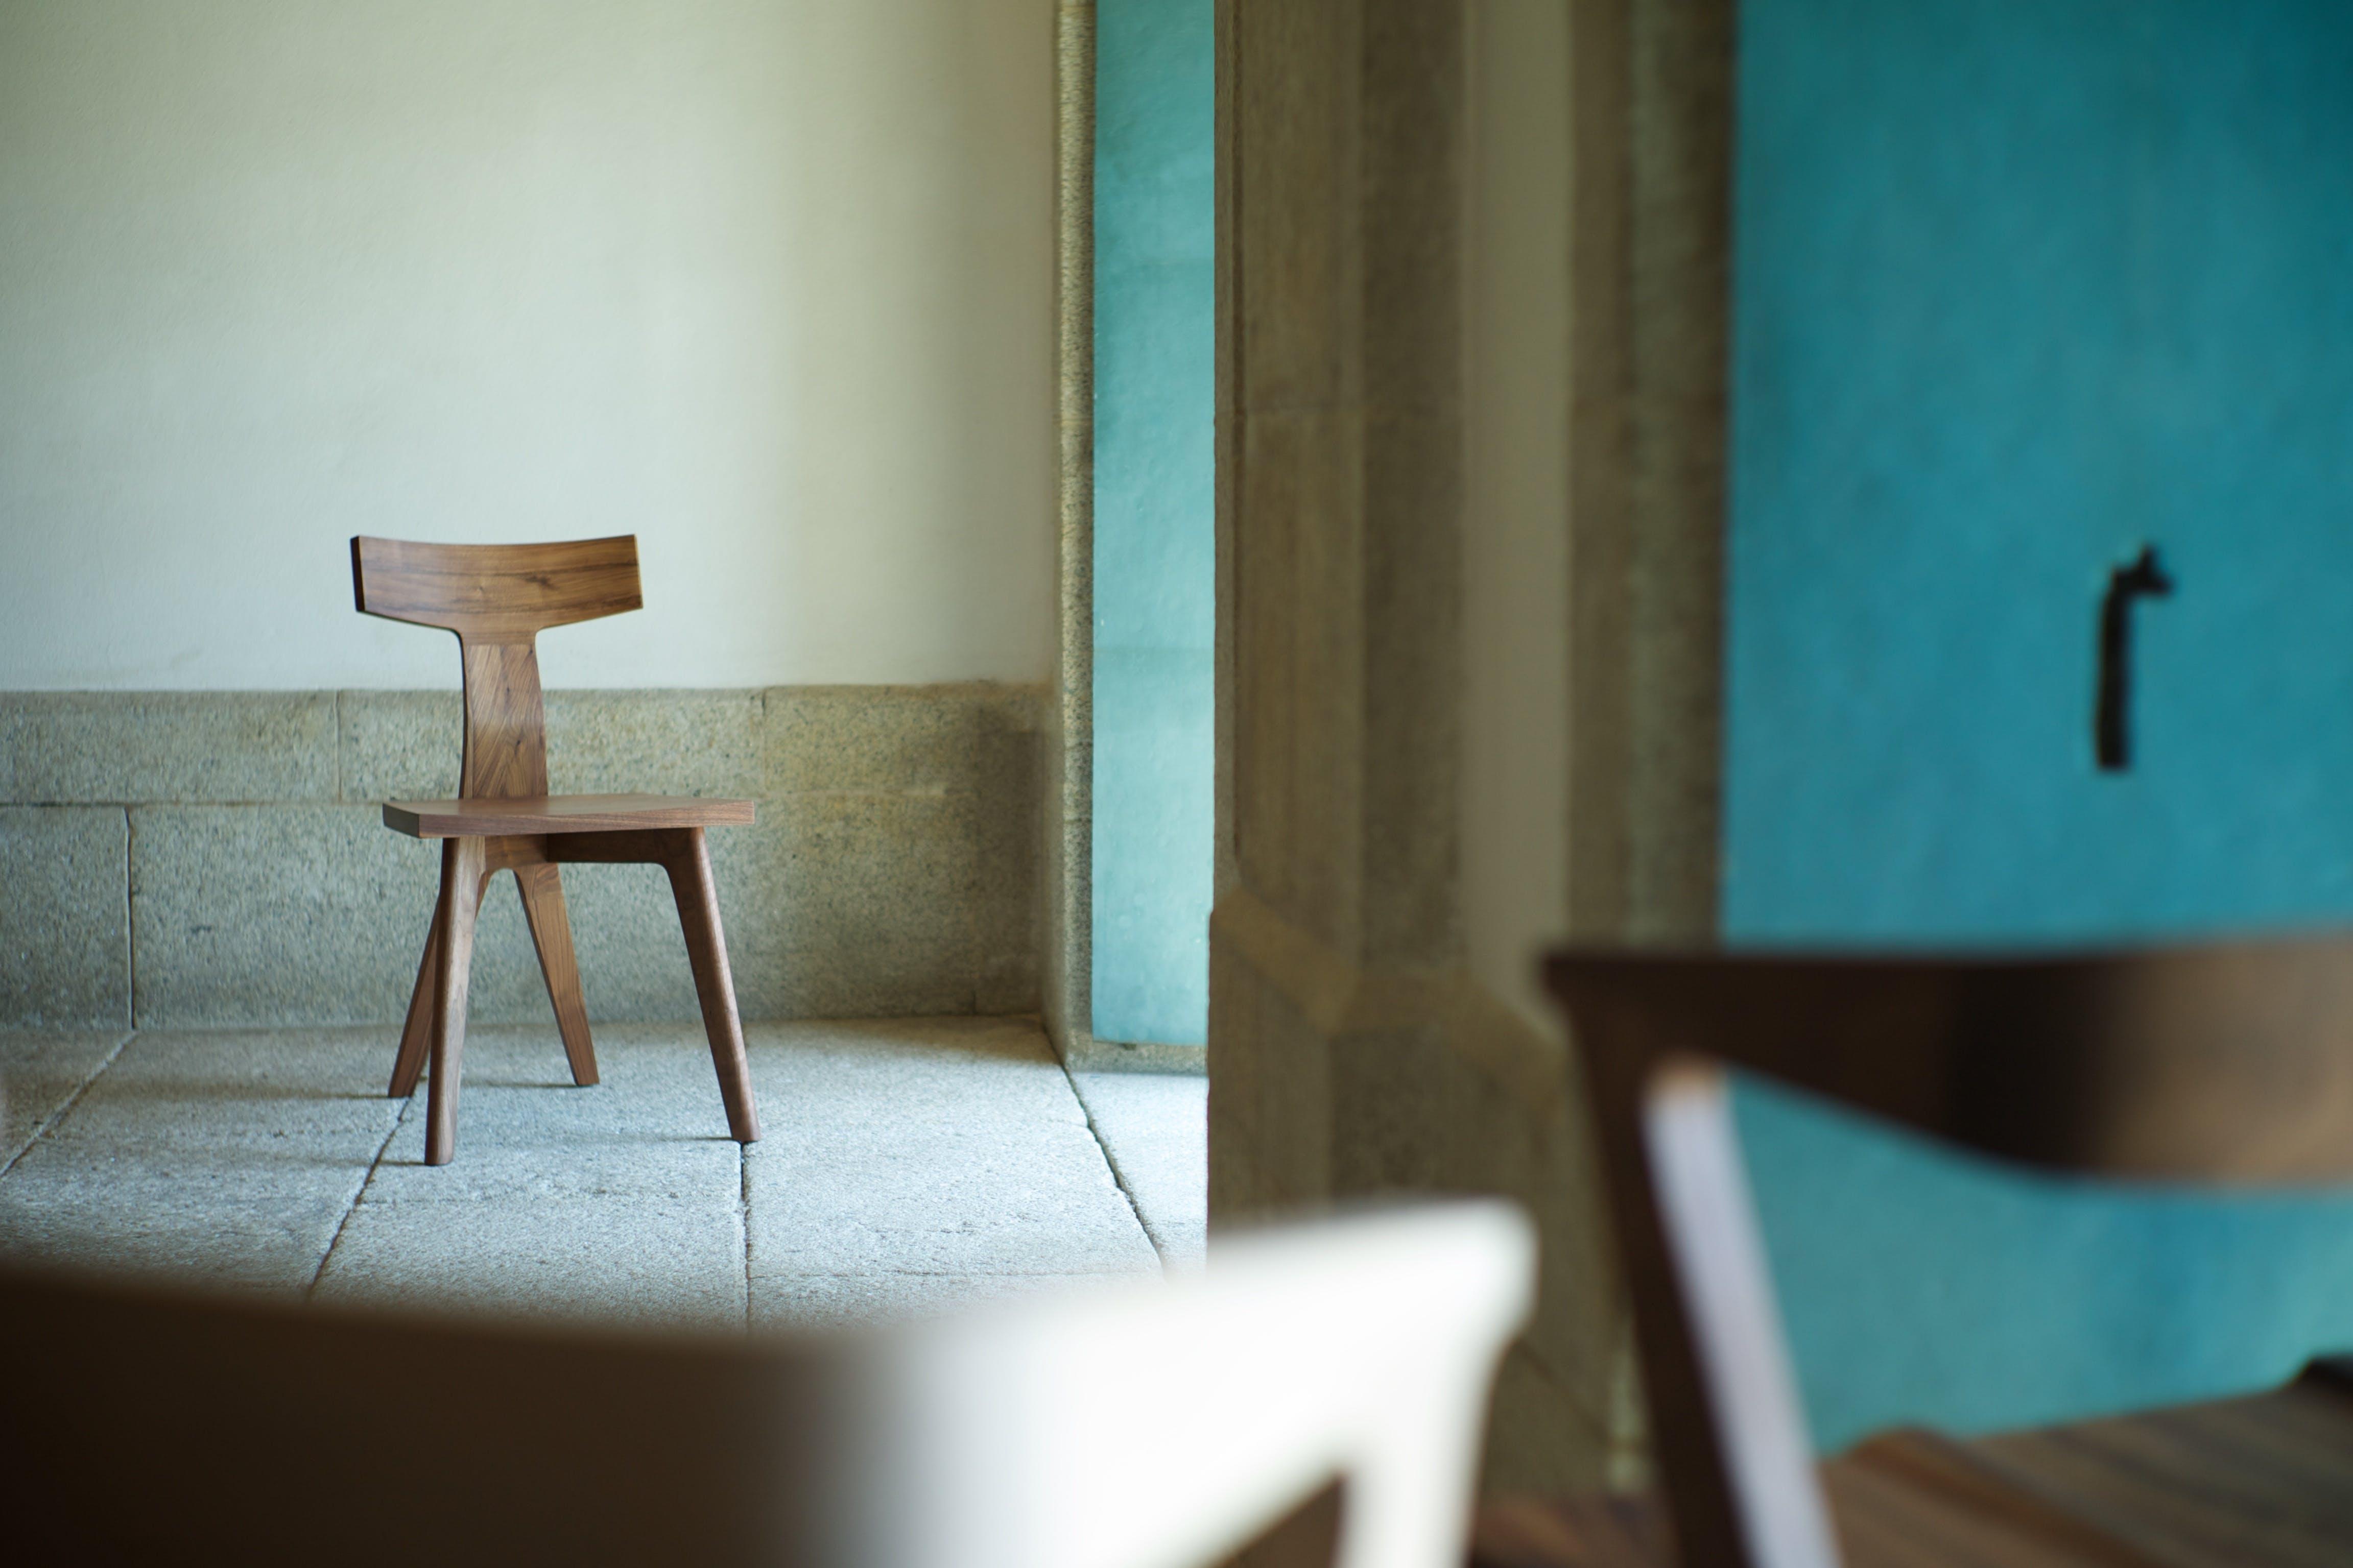 Mh Fin Chair 1